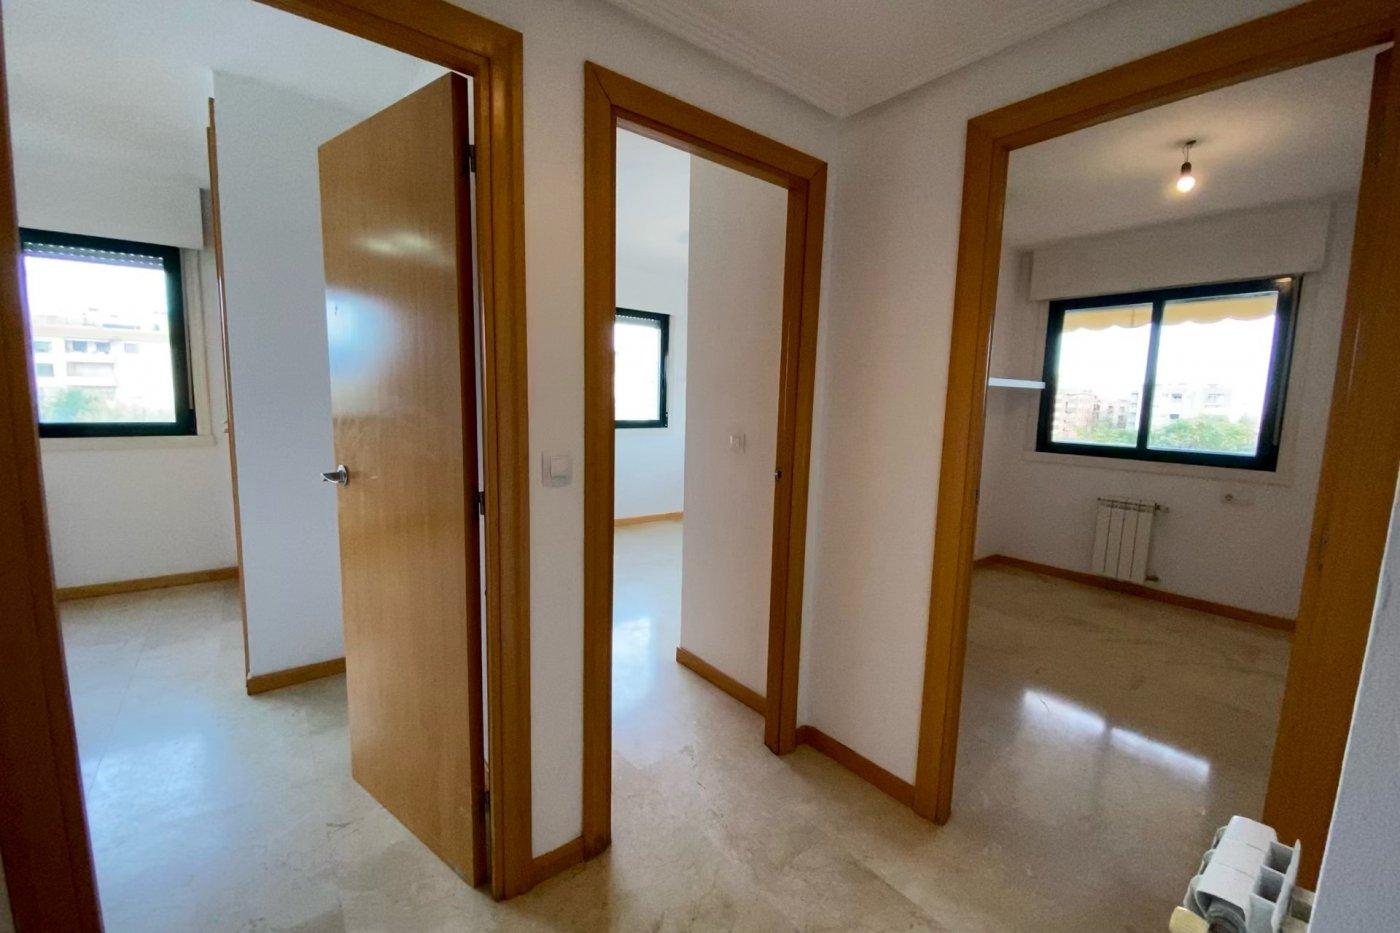 Piso sin muebles de 105 m² de superficie en zona residencial de son cotoner, palma de mall - imagenInmueble6